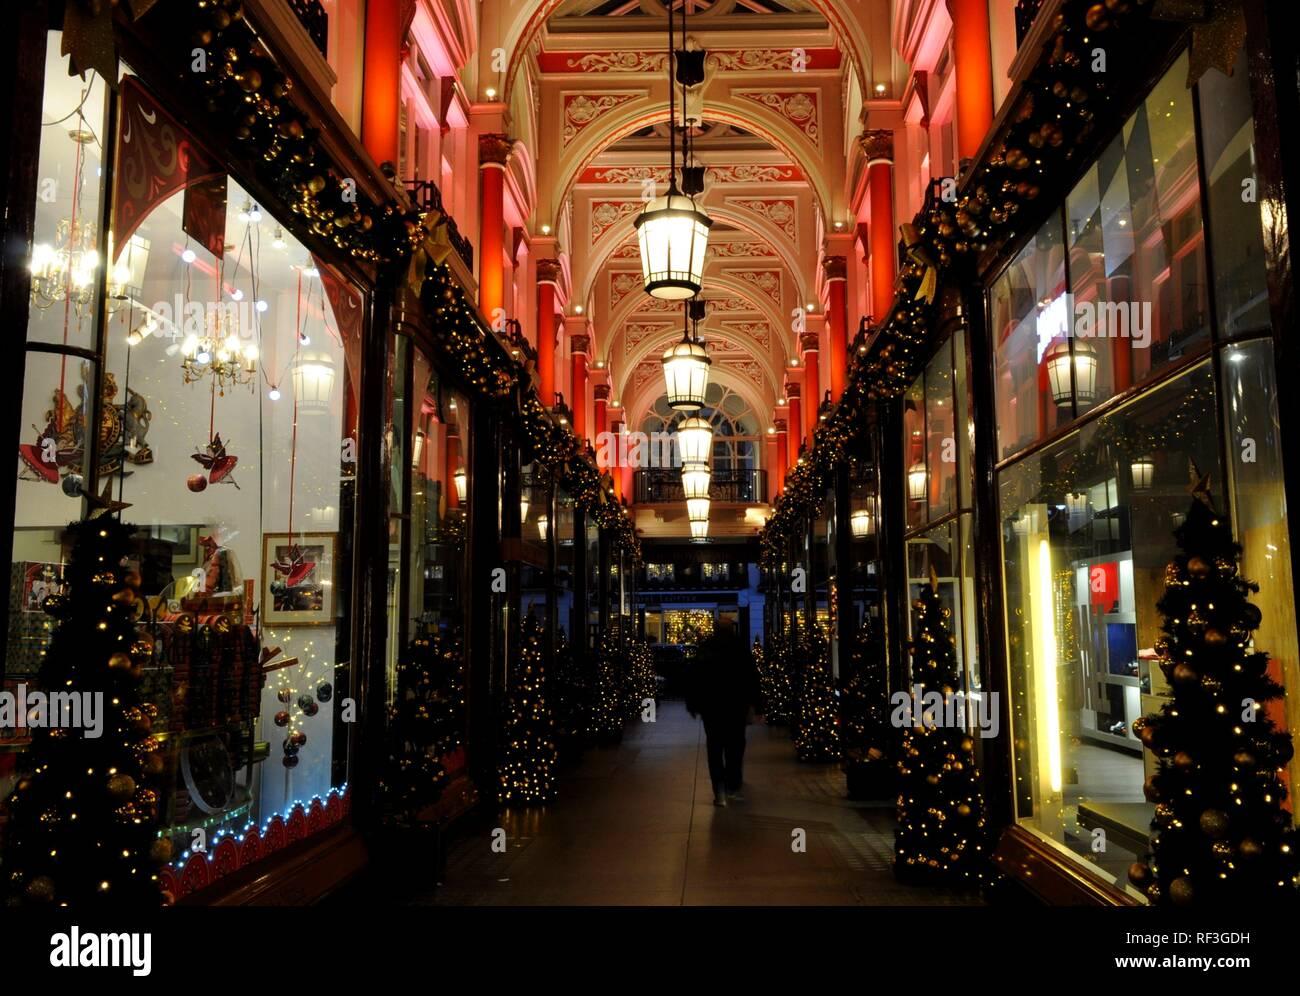 Royal Arcade at Christmas, London, UK. - Stock Image